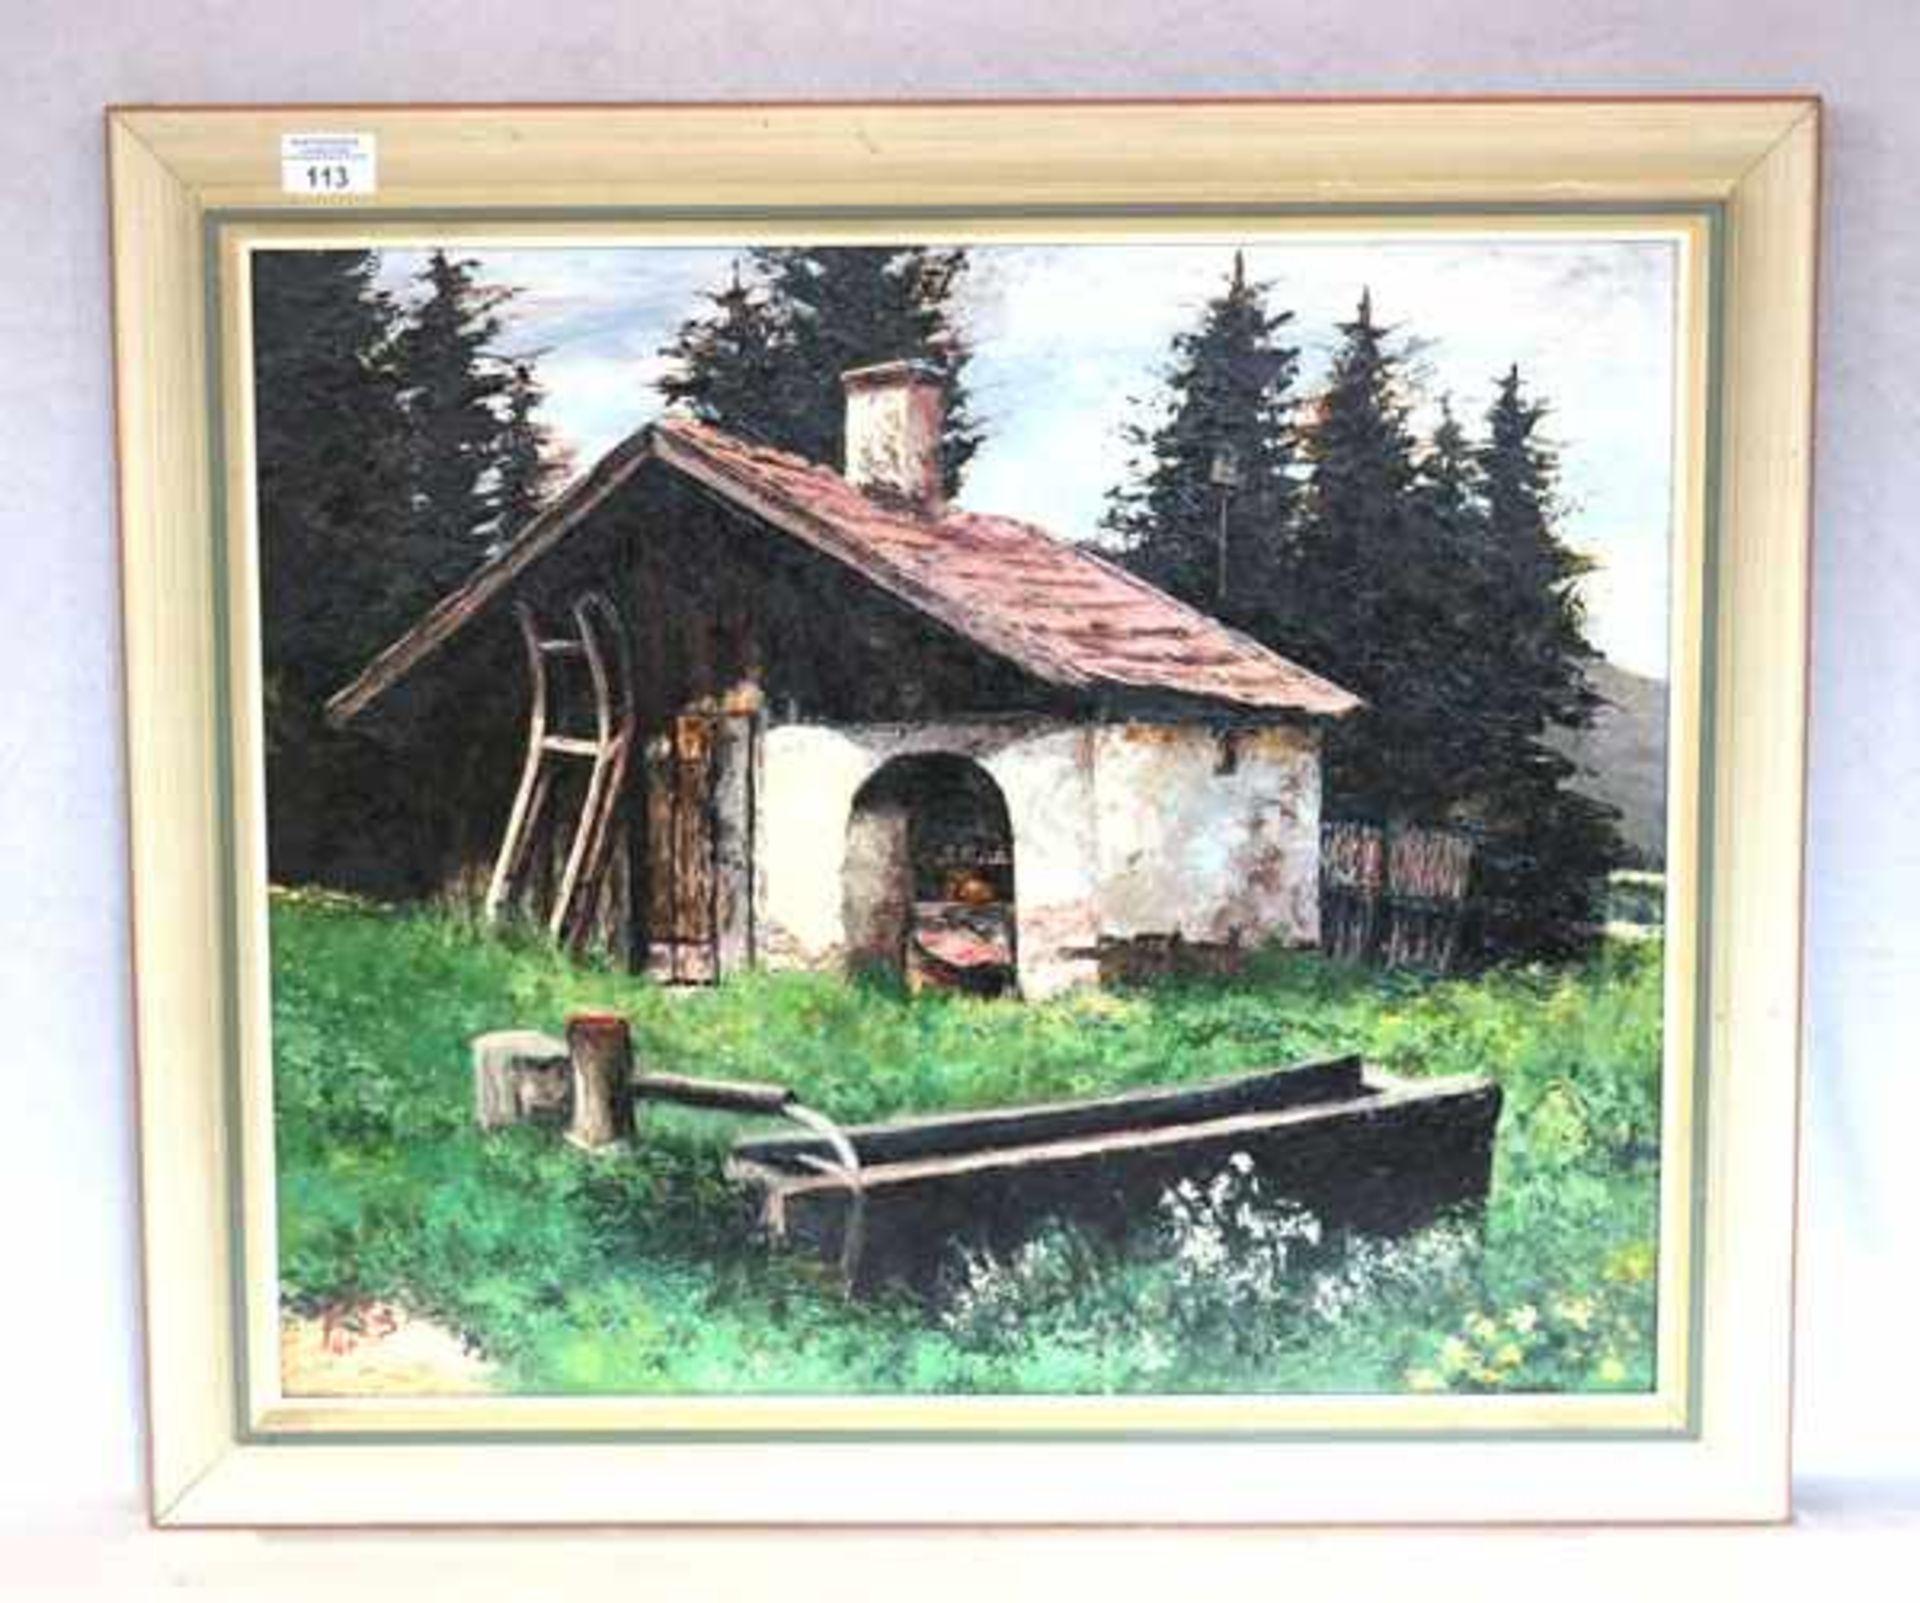 Gemälde ÖL/Hartfaser 'Weishäupl-Gerkofen', monogrammiert PTS für Hermann Peters, datiert 64,